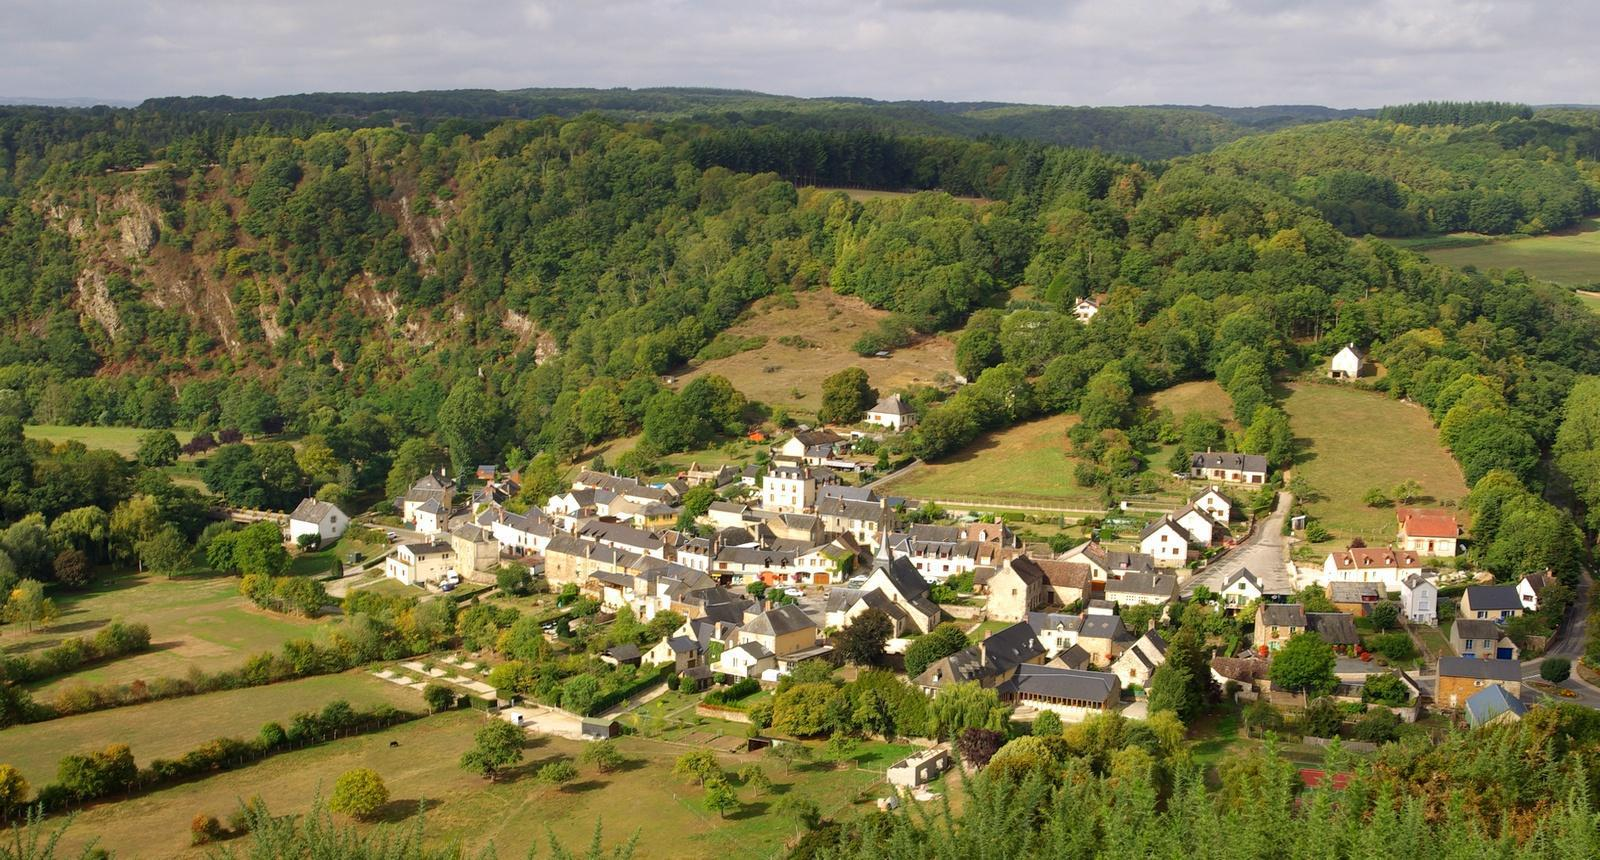 Photo Saint Léonard des Bois 152530 Diaporamas, images, photos # Accrobranche Saint Léonard Des Bois